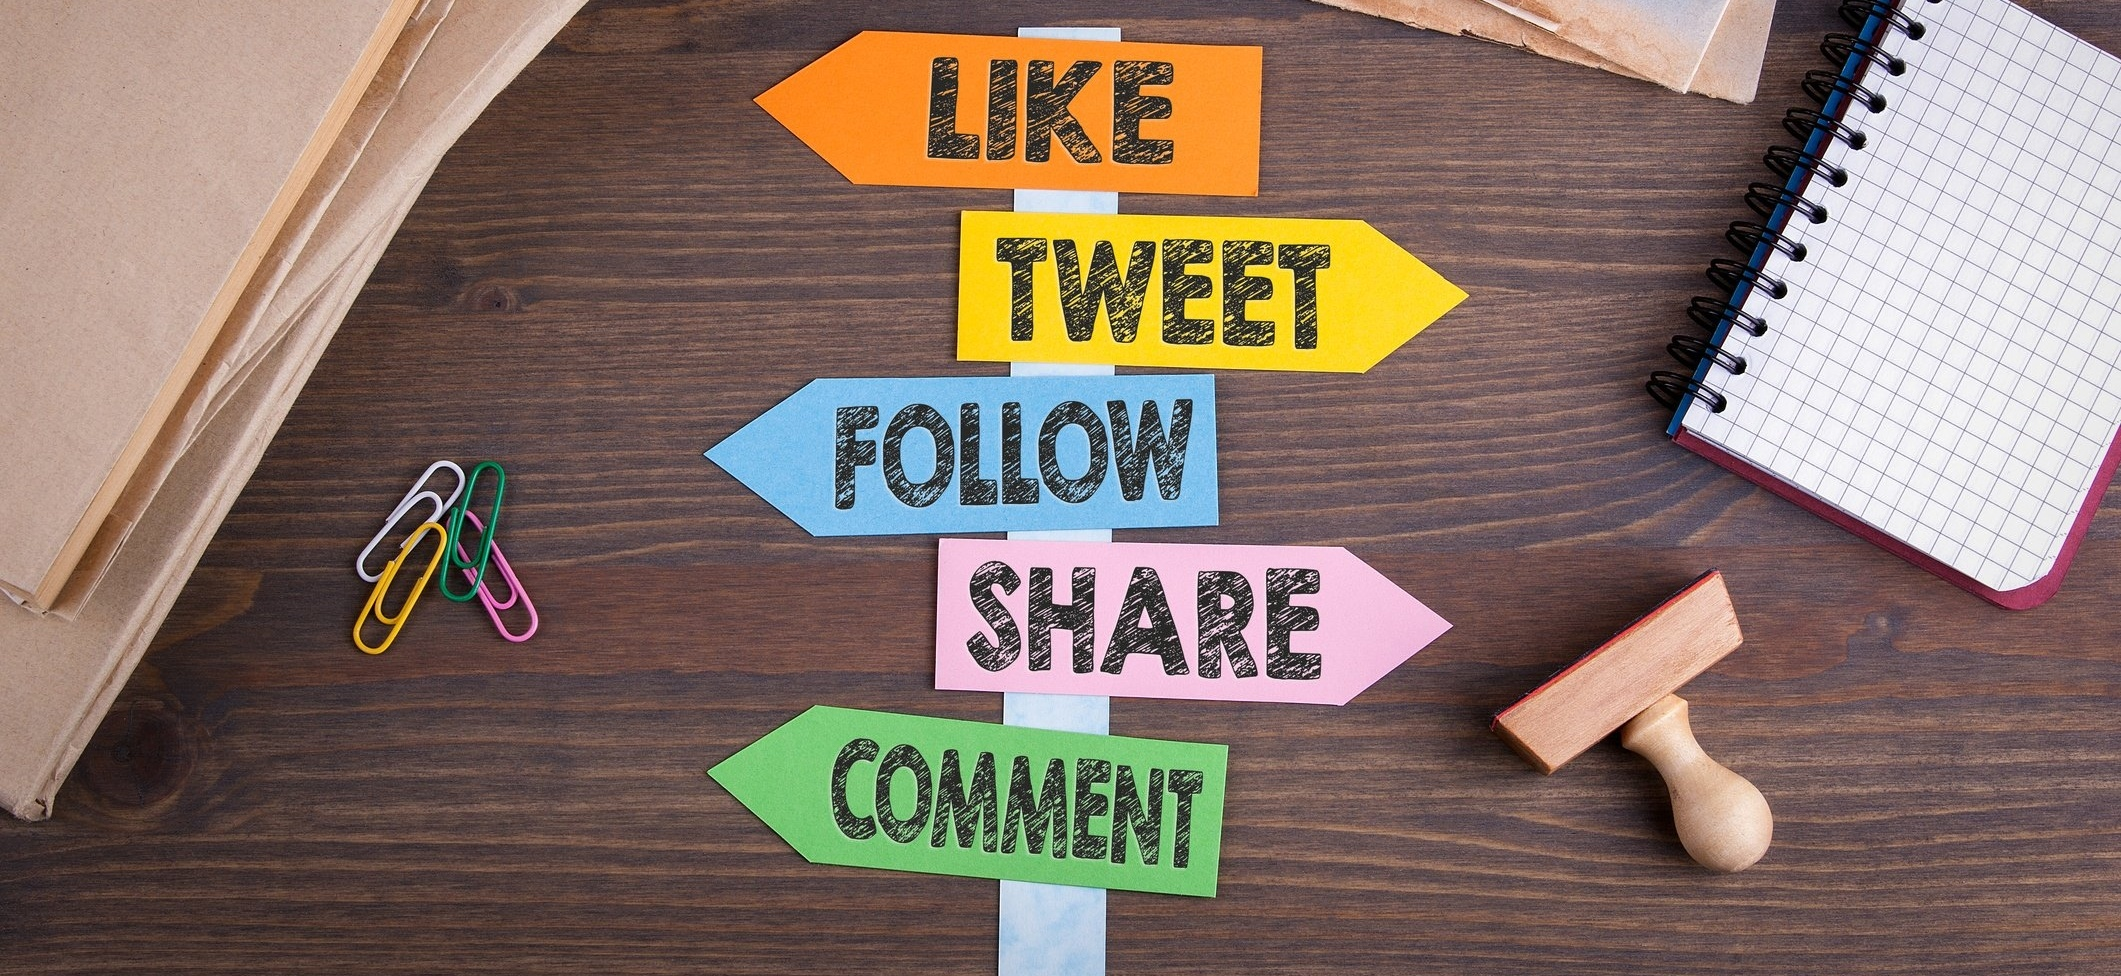 come-funziona-la-comunicazione-online-459946-edited